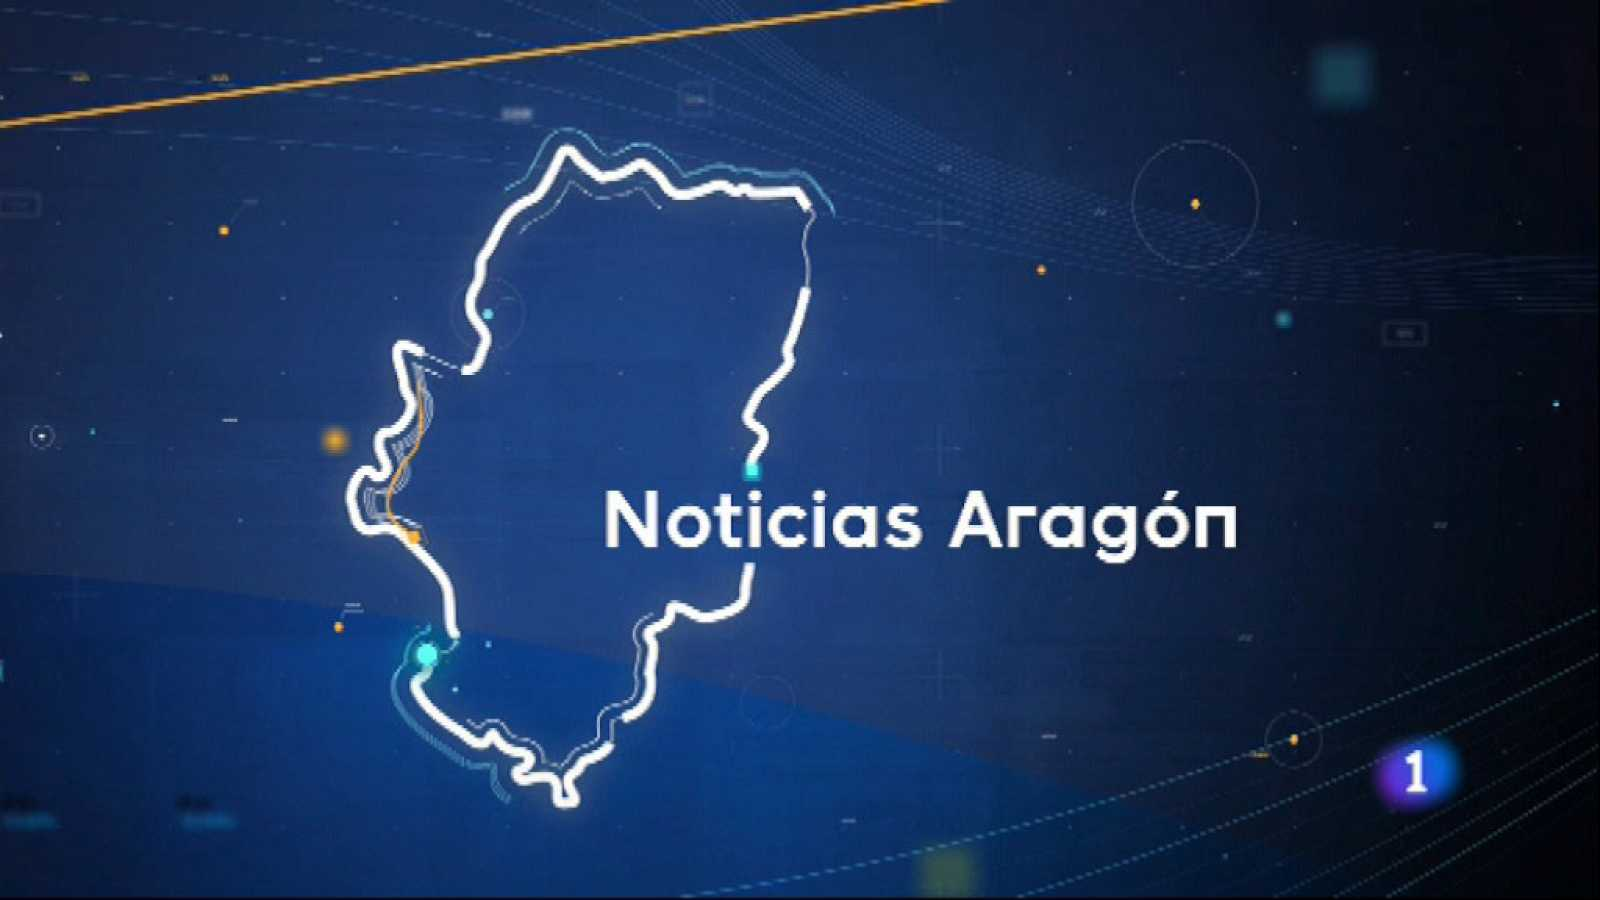 Aragón en 2 - 09/04/21 - Ver ahora